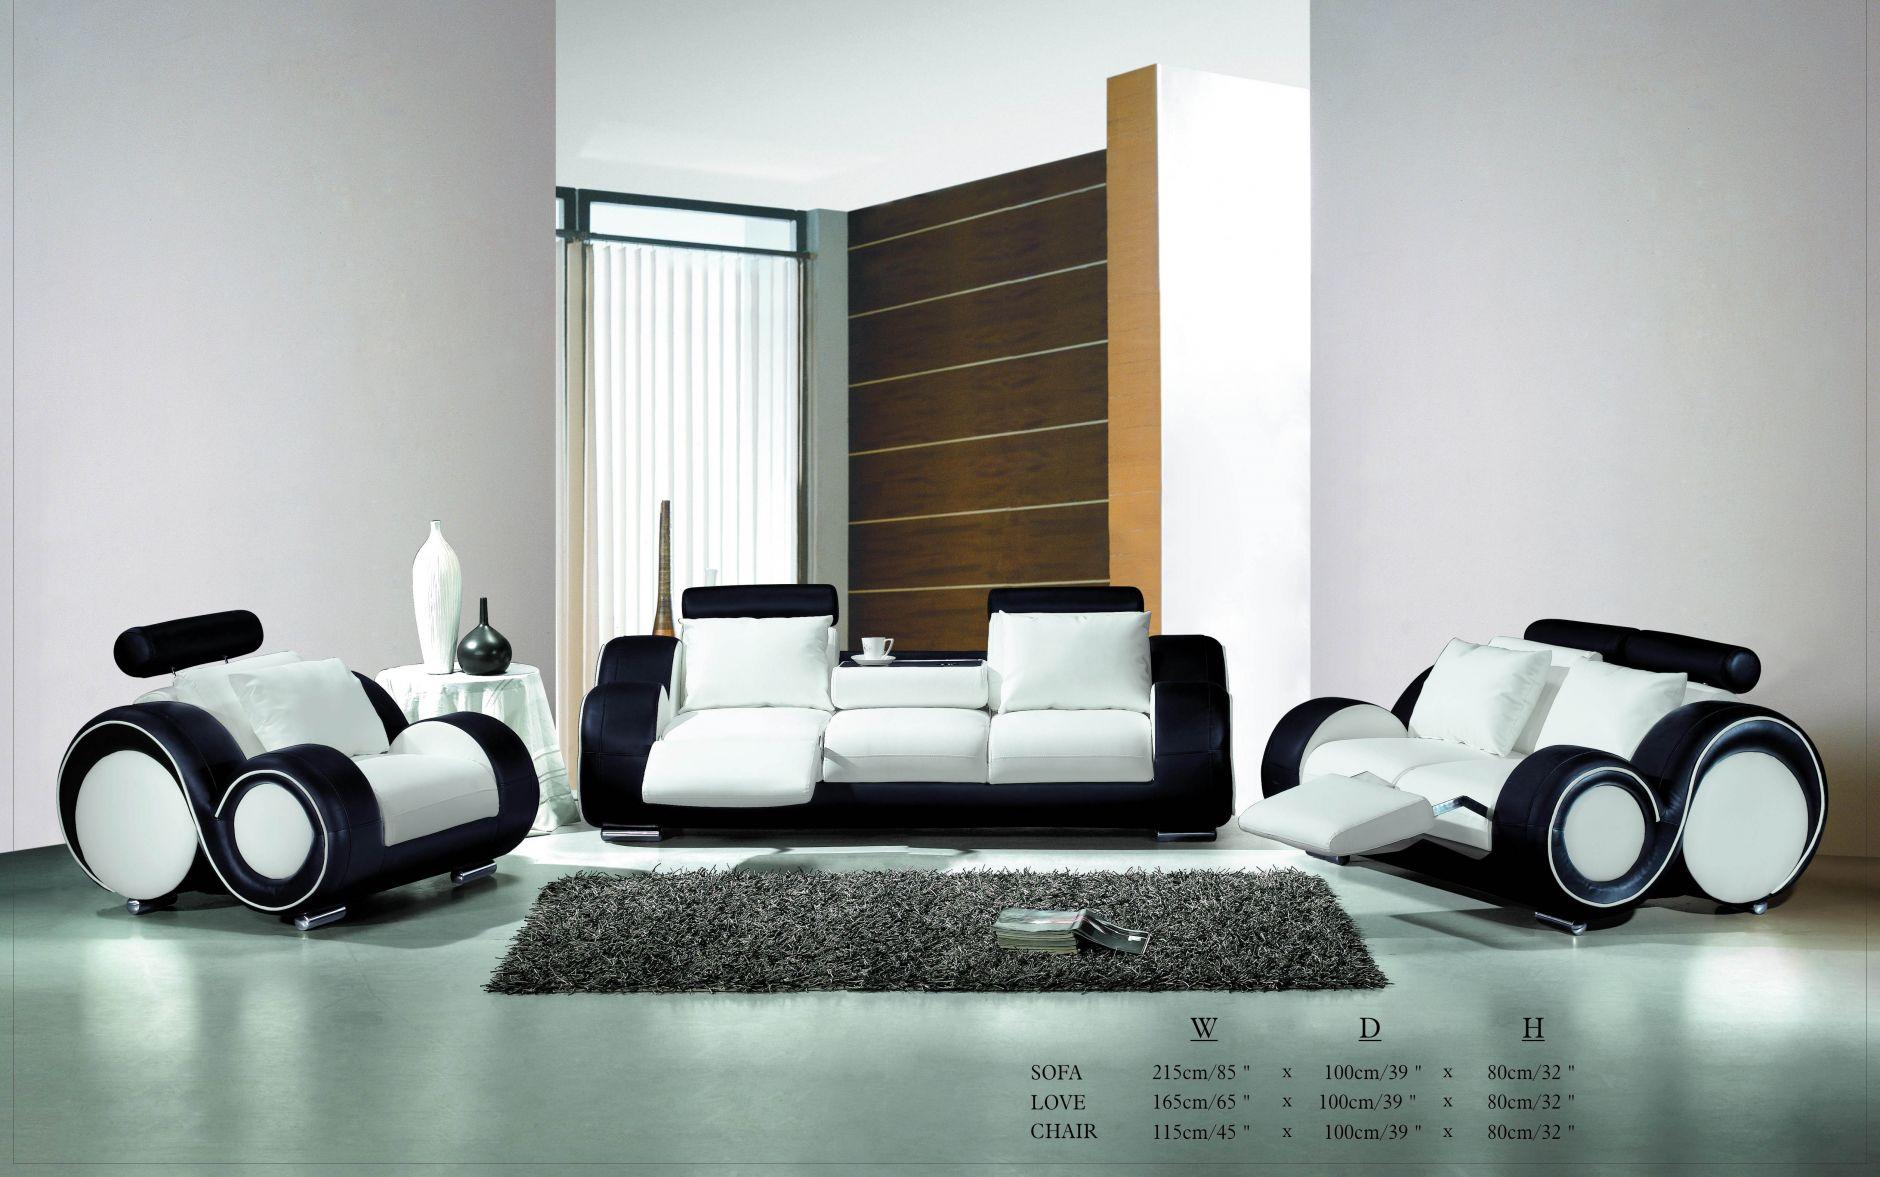 Polstermöbel - Polstermöbel Modell 4088Die Möbel aus Italien